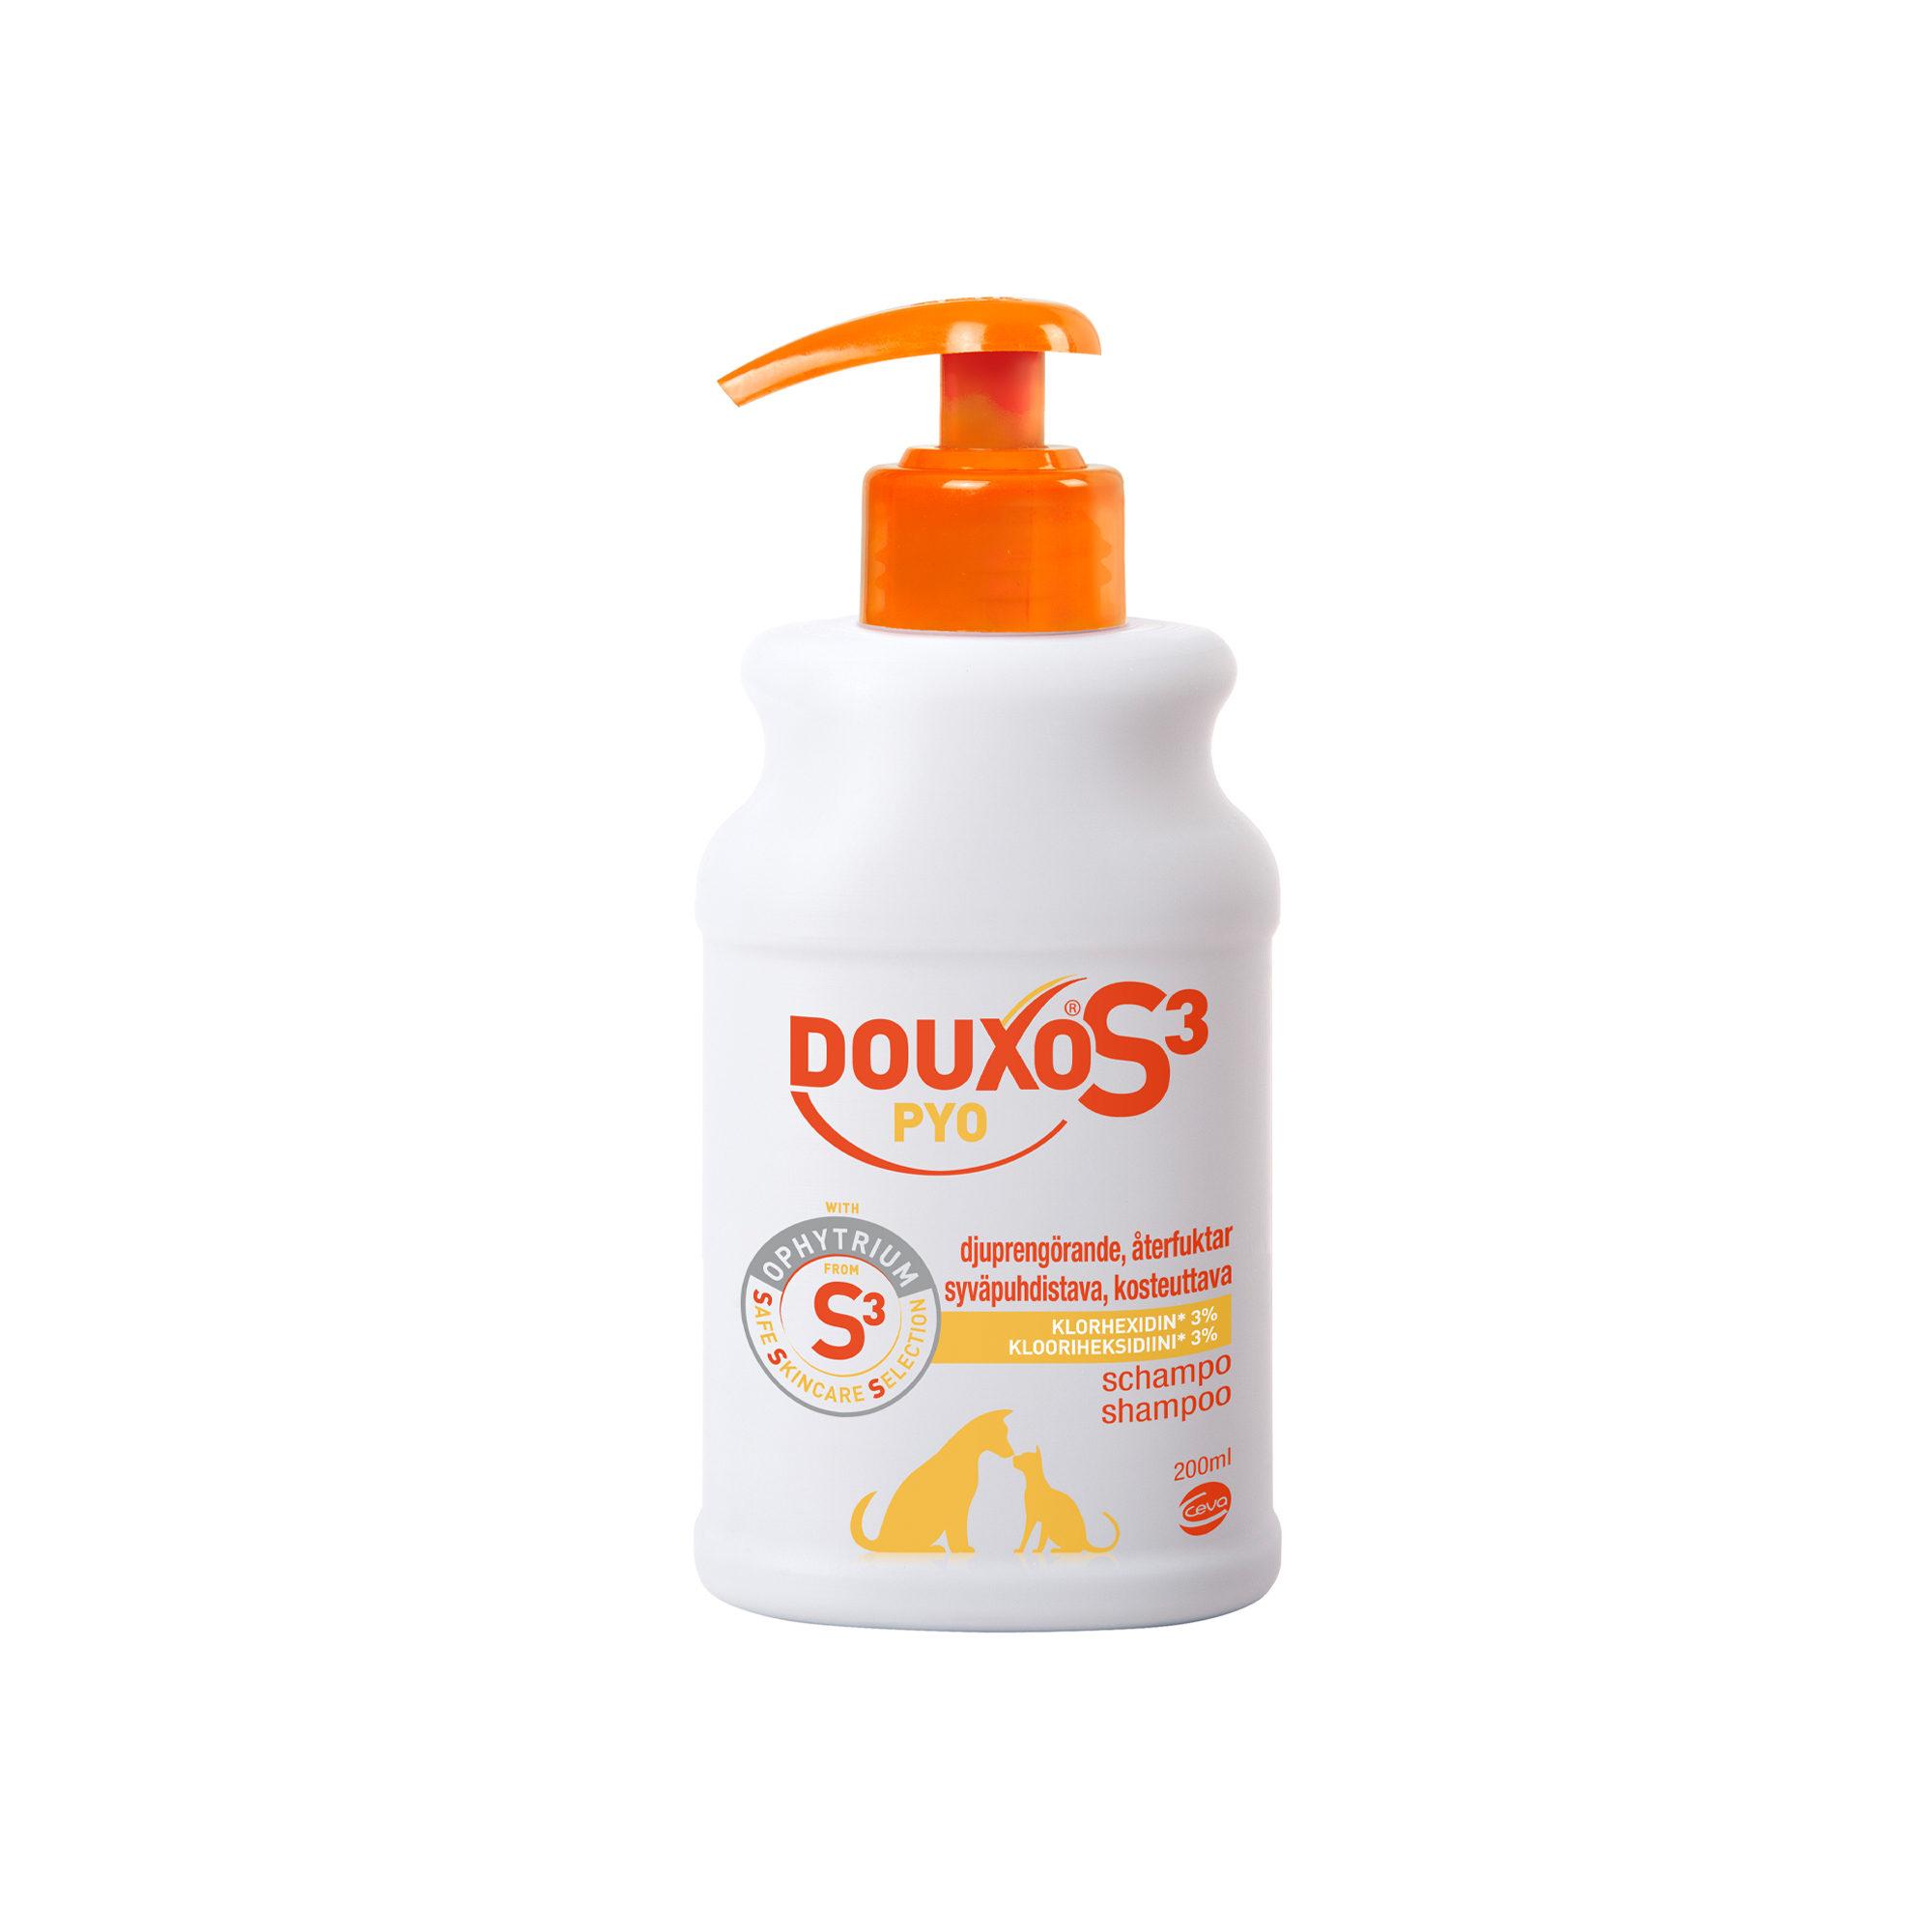 Douxo S3 Pyo Shampoo